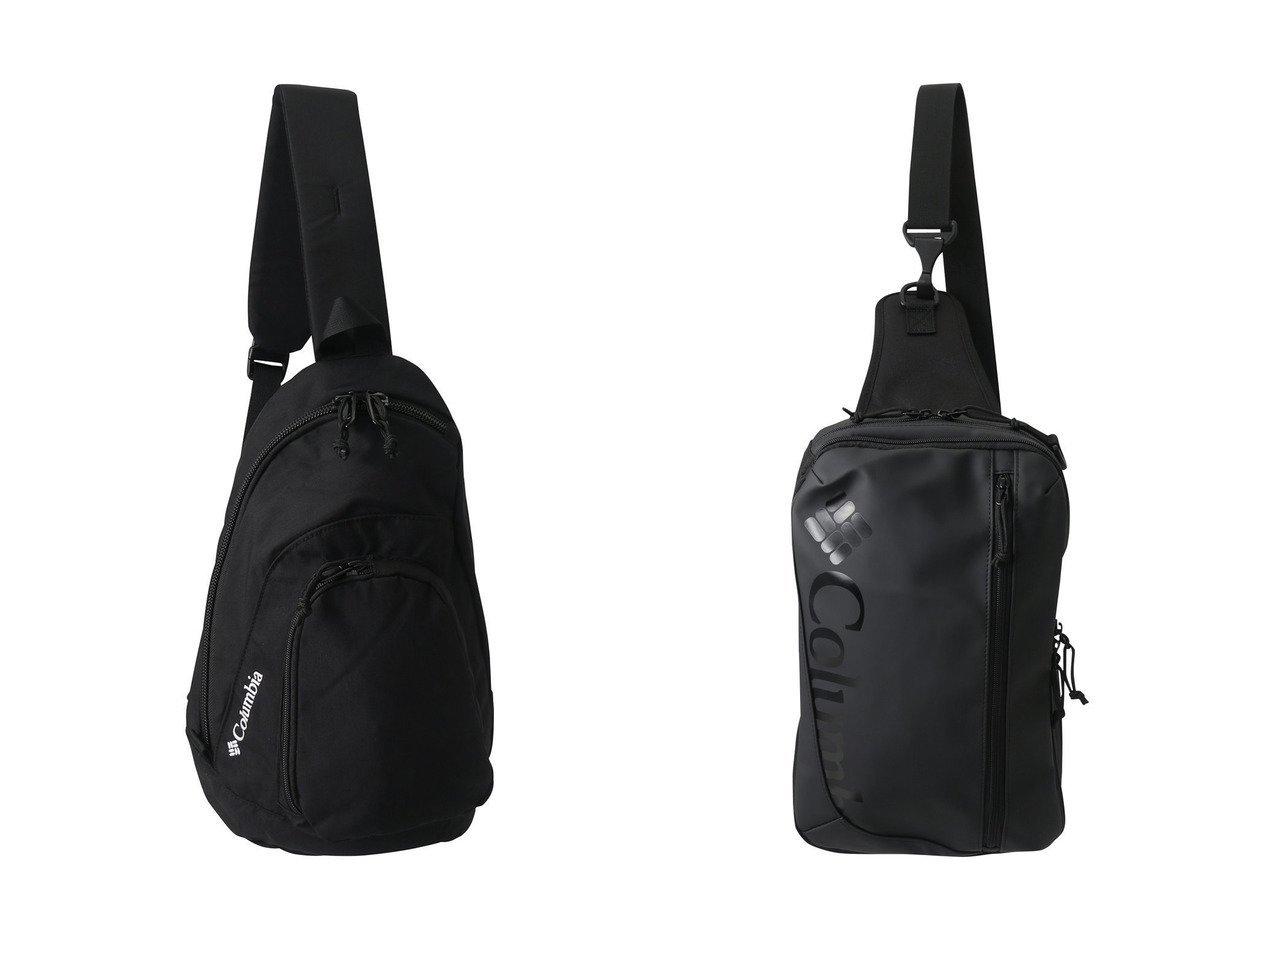 【Columbia/コロンビア】の【UNISEX】ブレムナースロープ 2 ウェイバッグII&【UNISEX】グレートスモーキーガーデンボディバッグ 【バッグ・鞄】おすすめ!人気、トレンド・レディースファッションの通販 おすすめで人気の流行・トレンド、ファッションの通販商品 インテリア・家具・メンズファッション・キッズファッション・レディースファッション・服の通販 founy(ファニー) https://founy.com/ ファッション Fashion レディースファッション WOMEN バッグ Bag スポーツウェア Sportswear スポーツ バッグ/ポーチ Bag UNISEX アウトドア コンパクト ショルダー スポーツ フロント ポケット スタイリッシュ メッシュ |ID:crp329100000069207